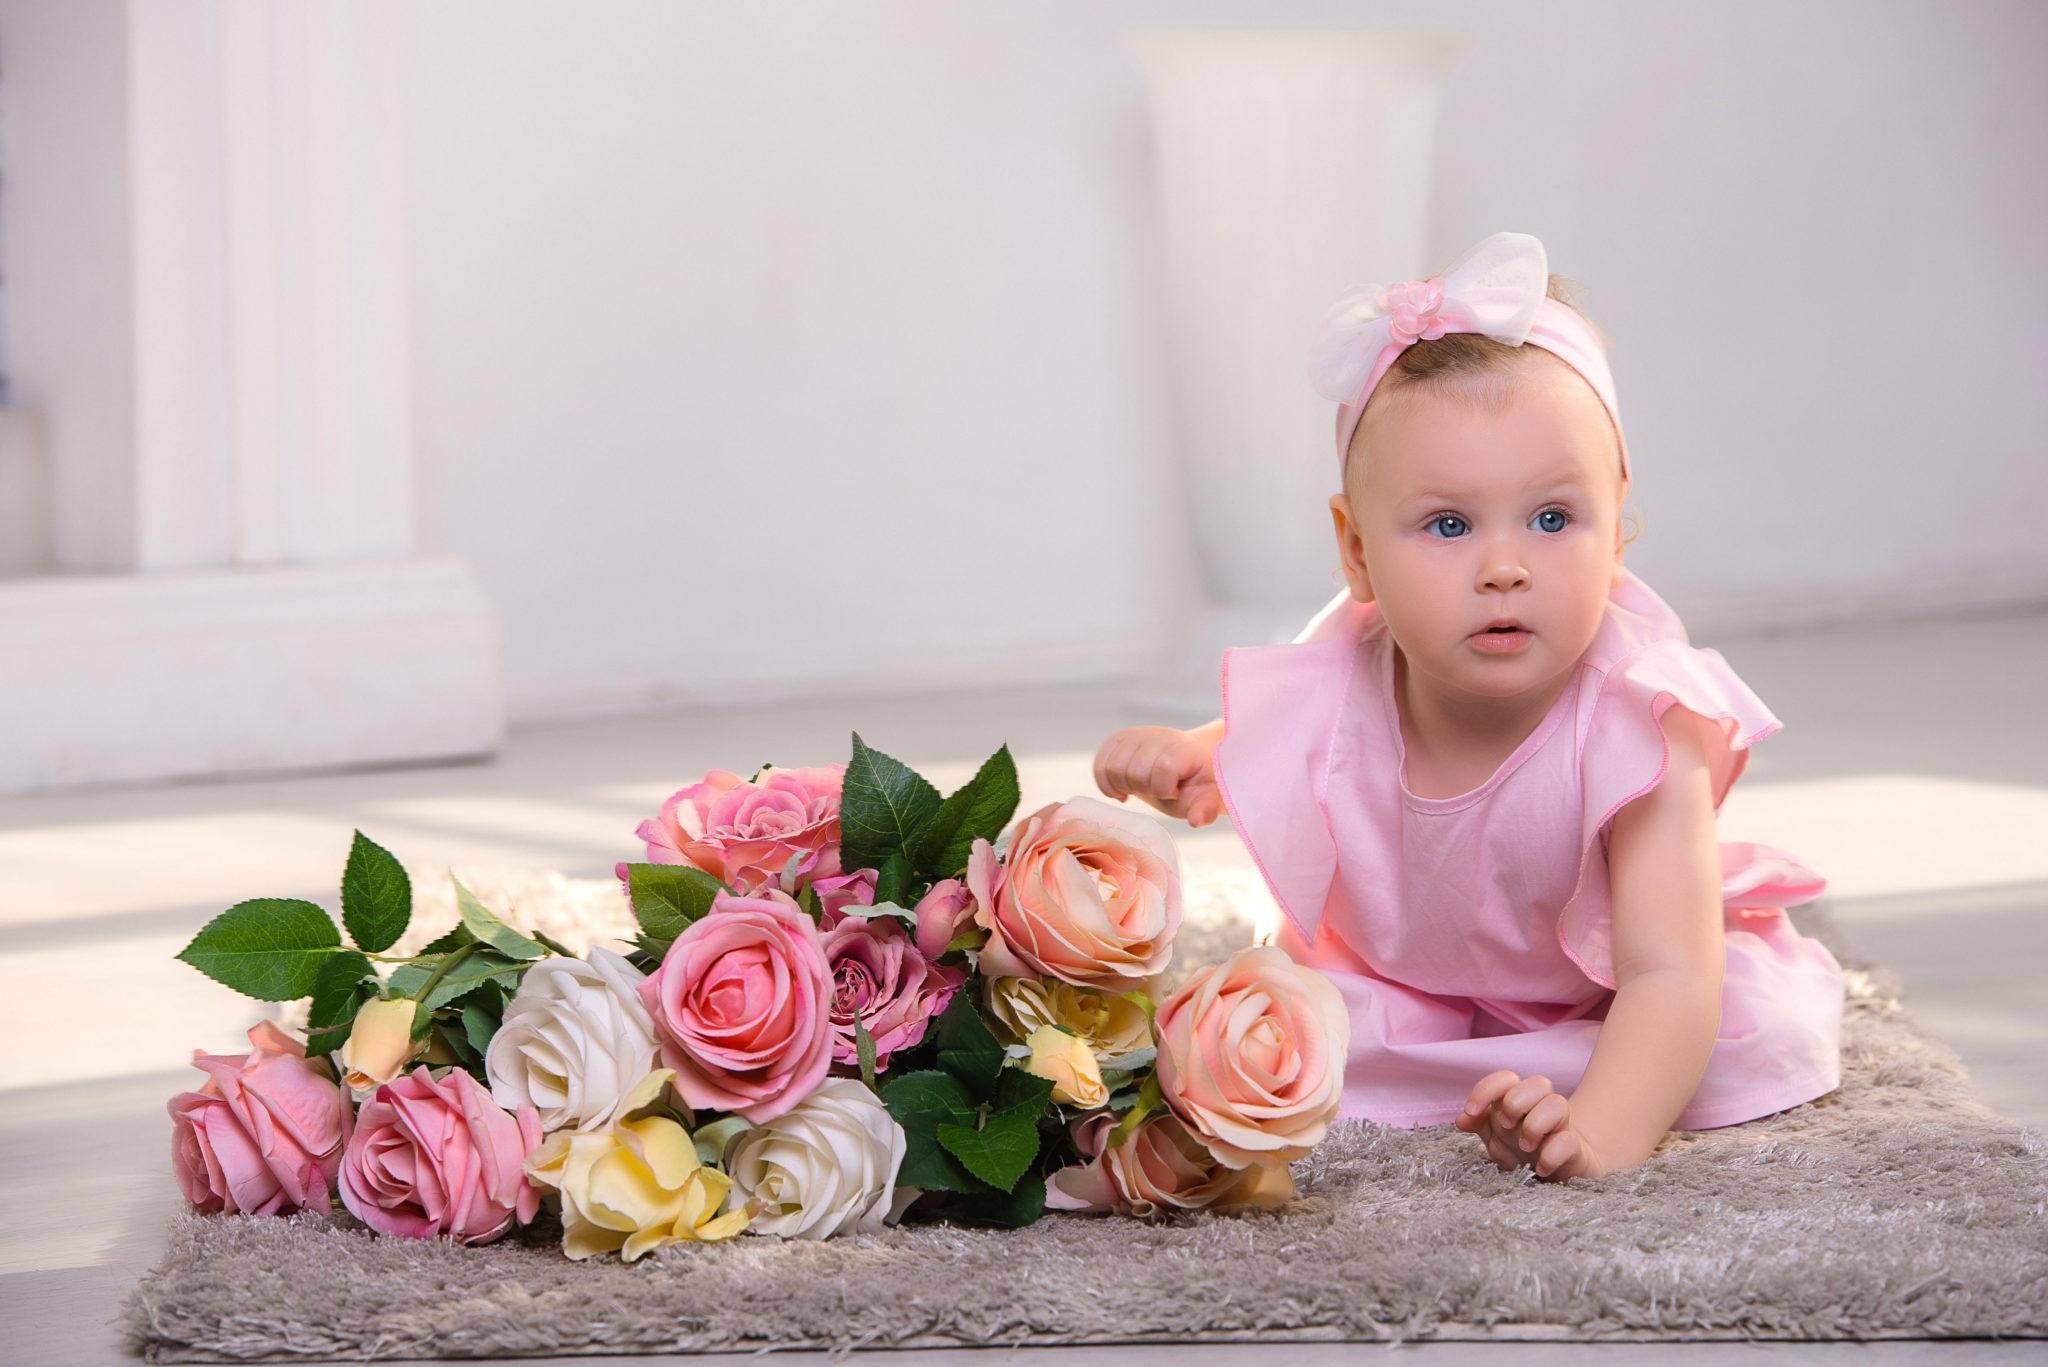 Детская фотосессия, ребенок на ковре рядом с цветами